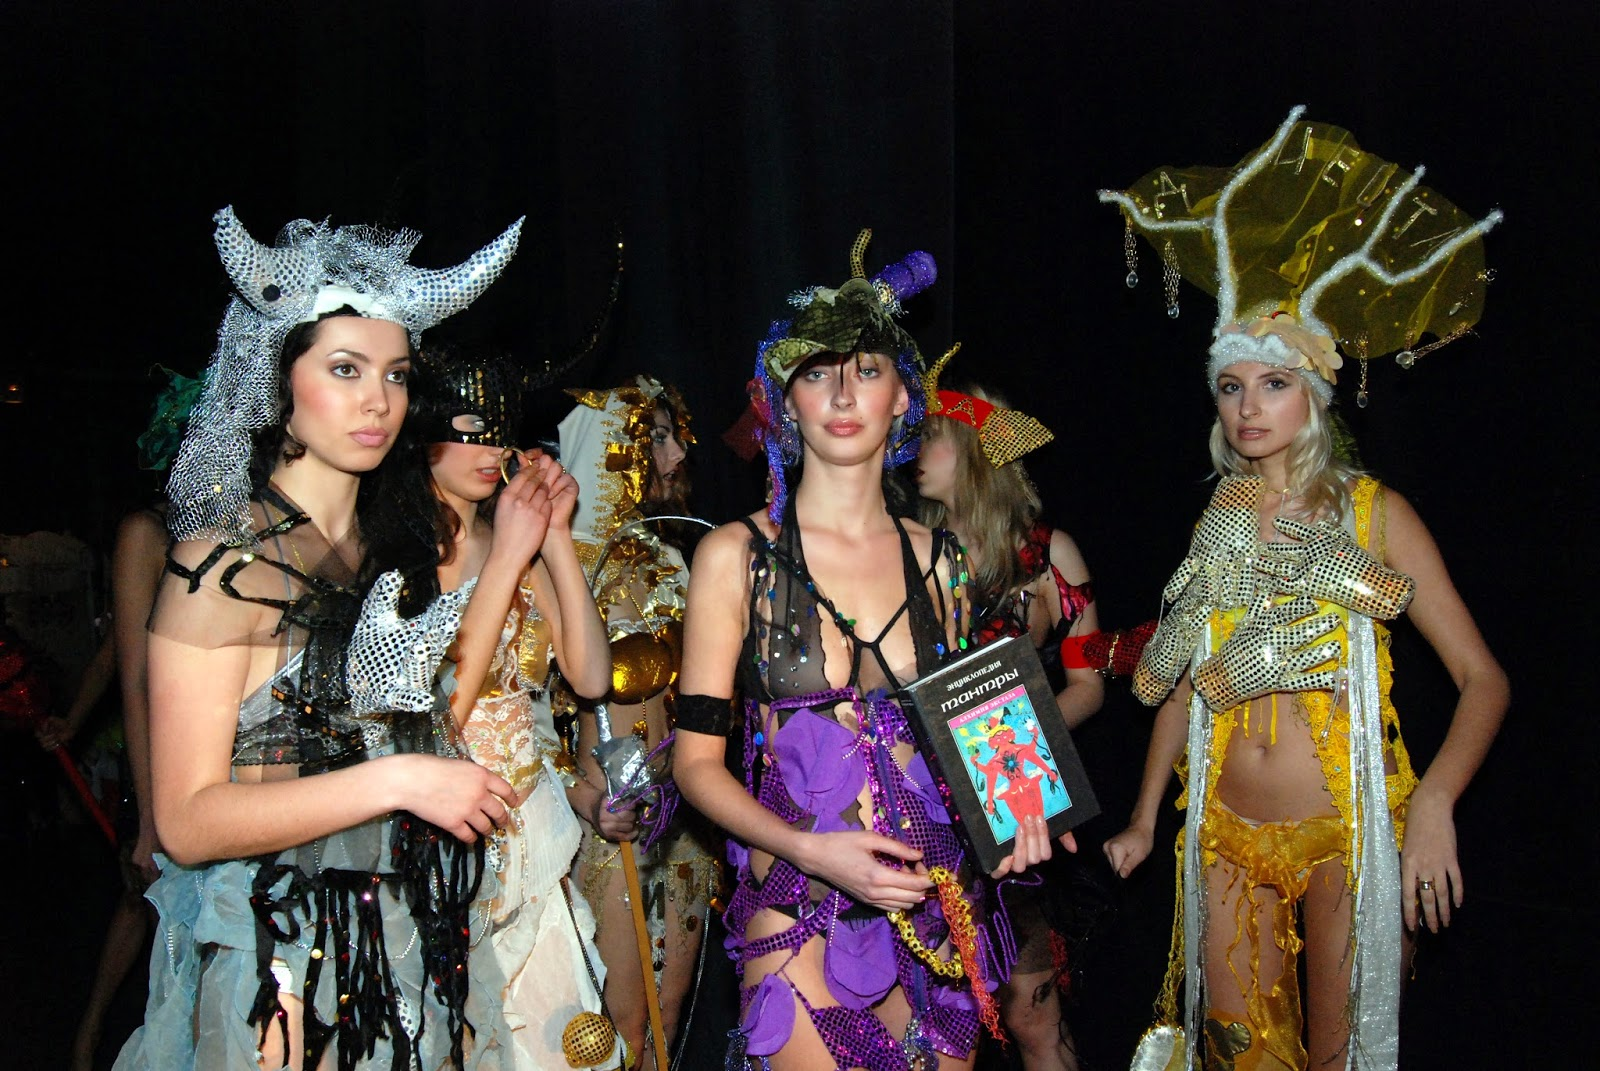 Смотреть бразильский сериал порно карнавал онлайн